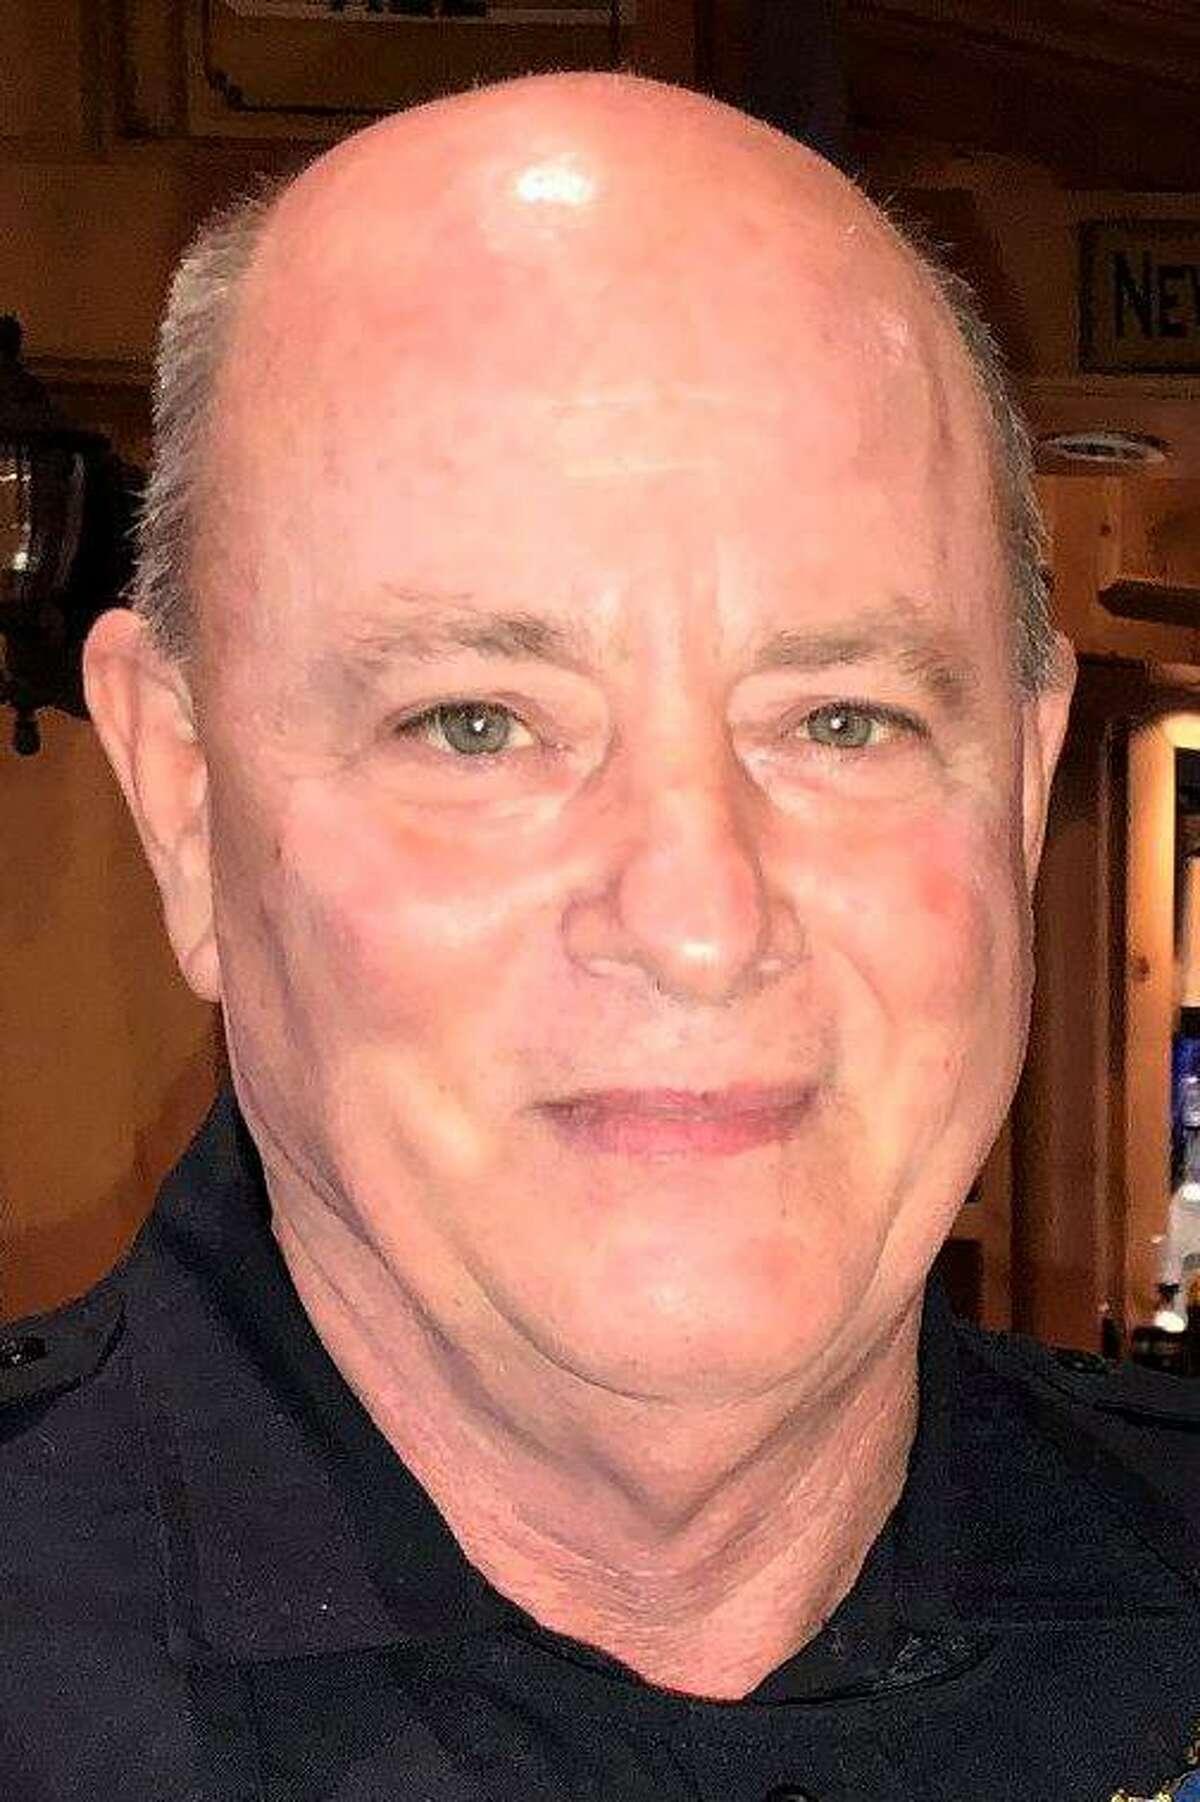 Constable Precinct 3, Mark Vojvodich